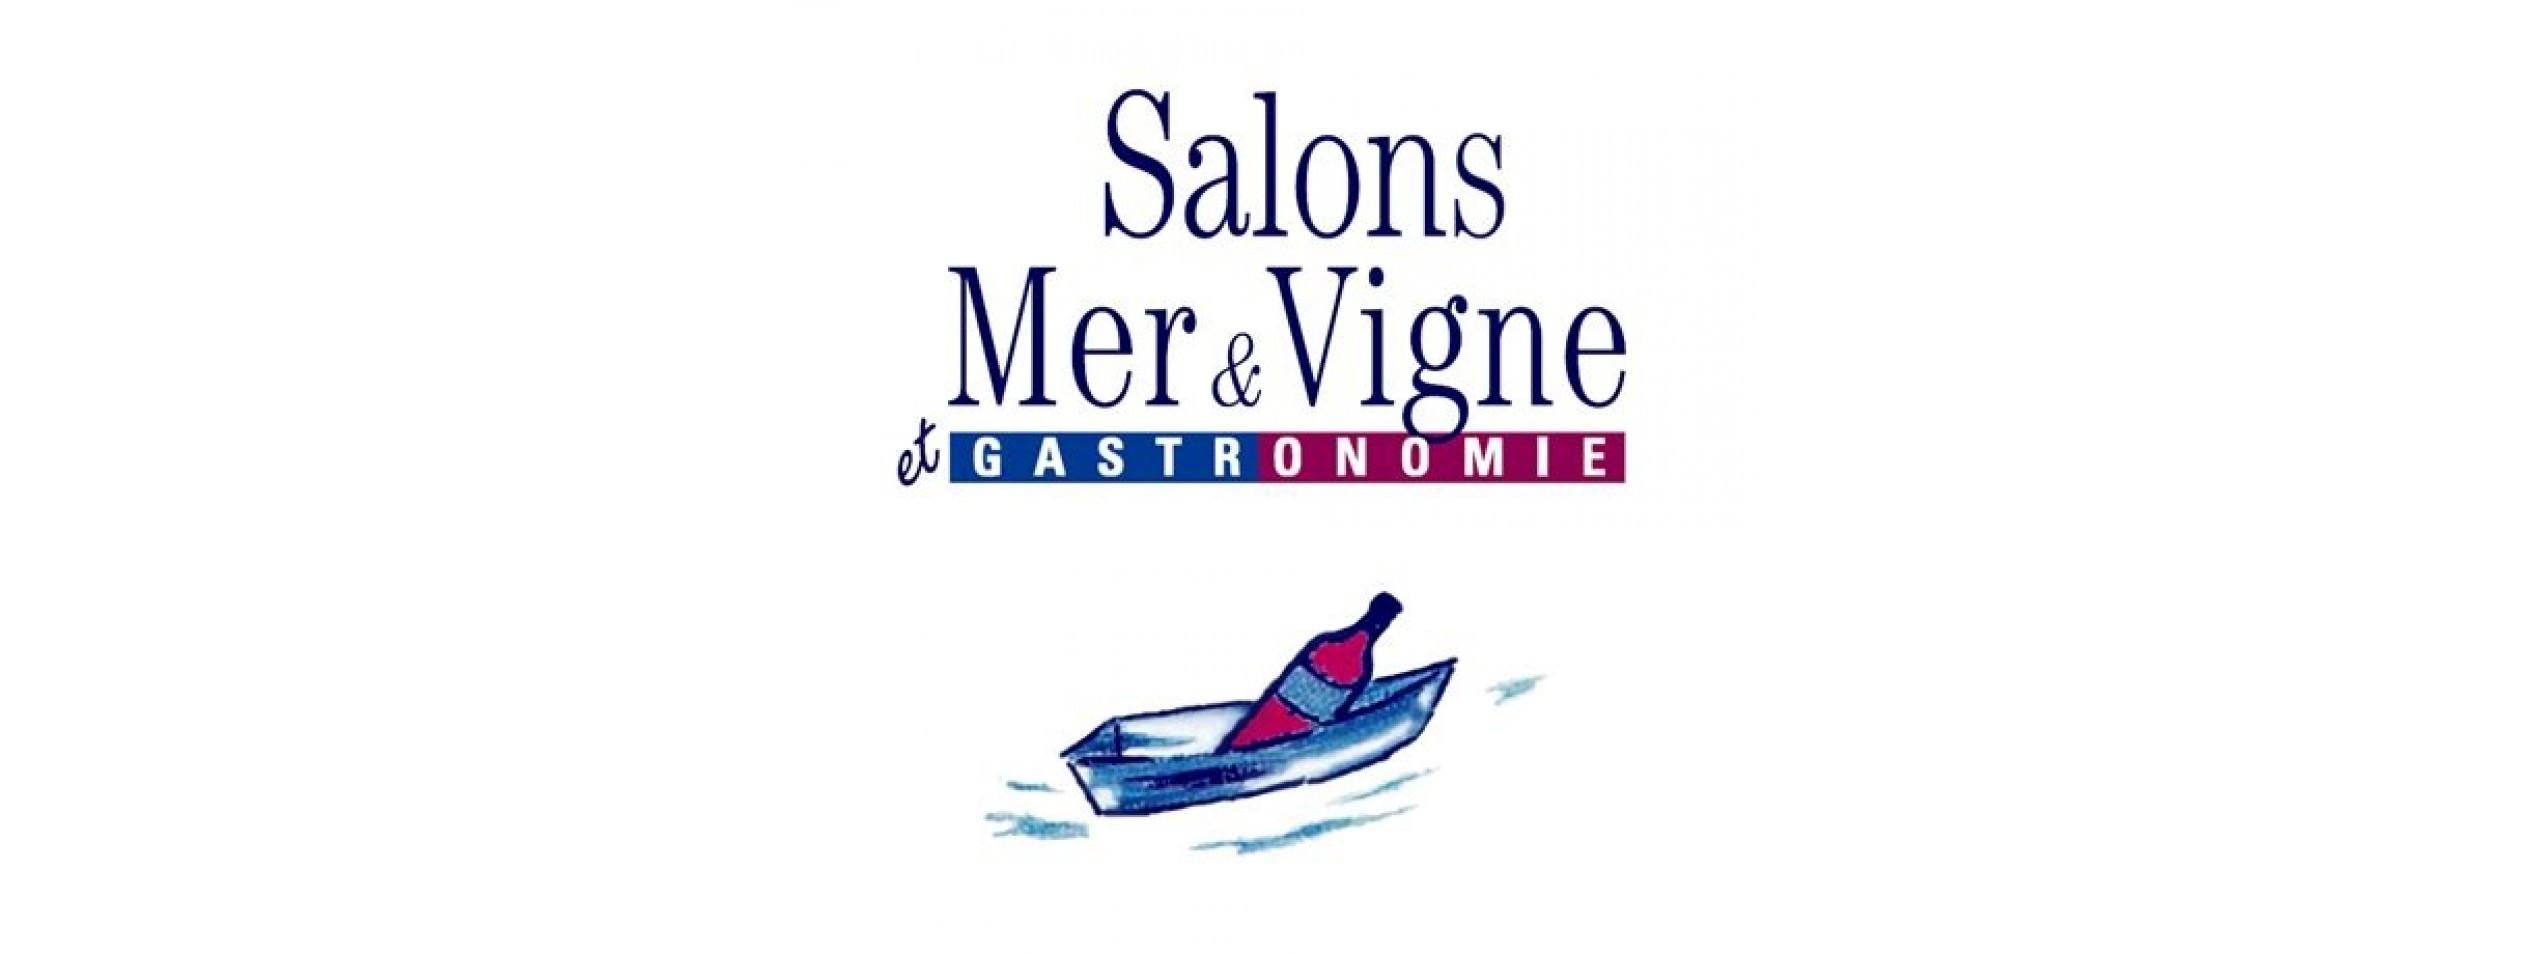 Salon Mer et Vigne Paris Vincennes